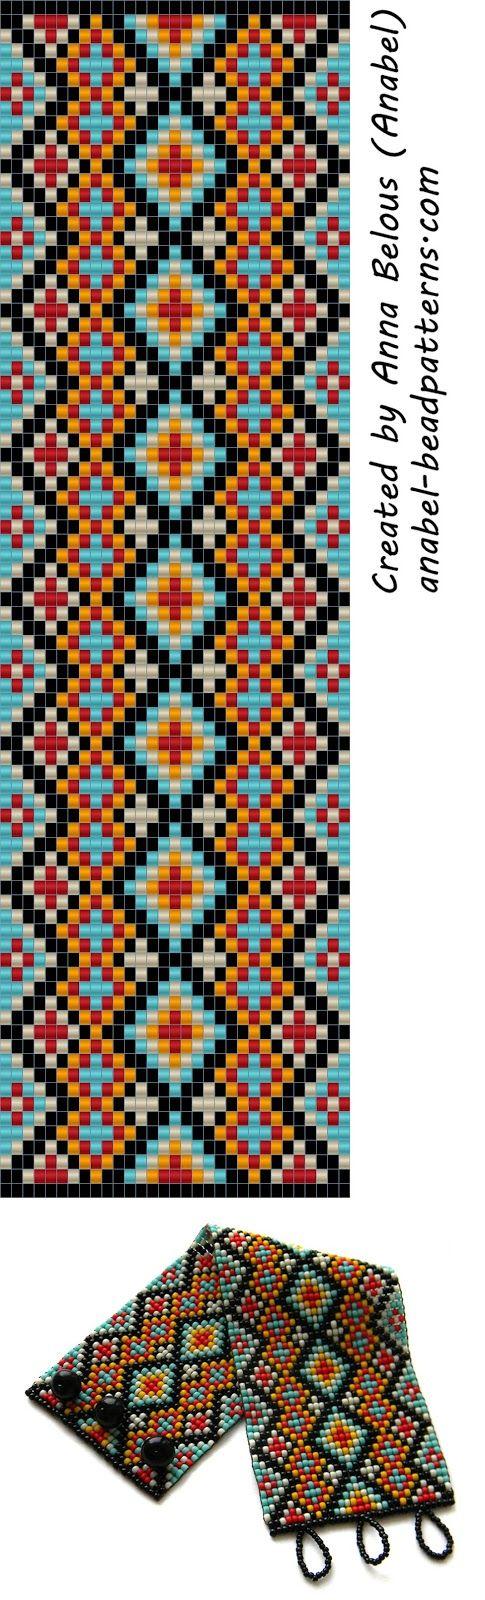 схема широкого браслета из бисера станочное ткачество